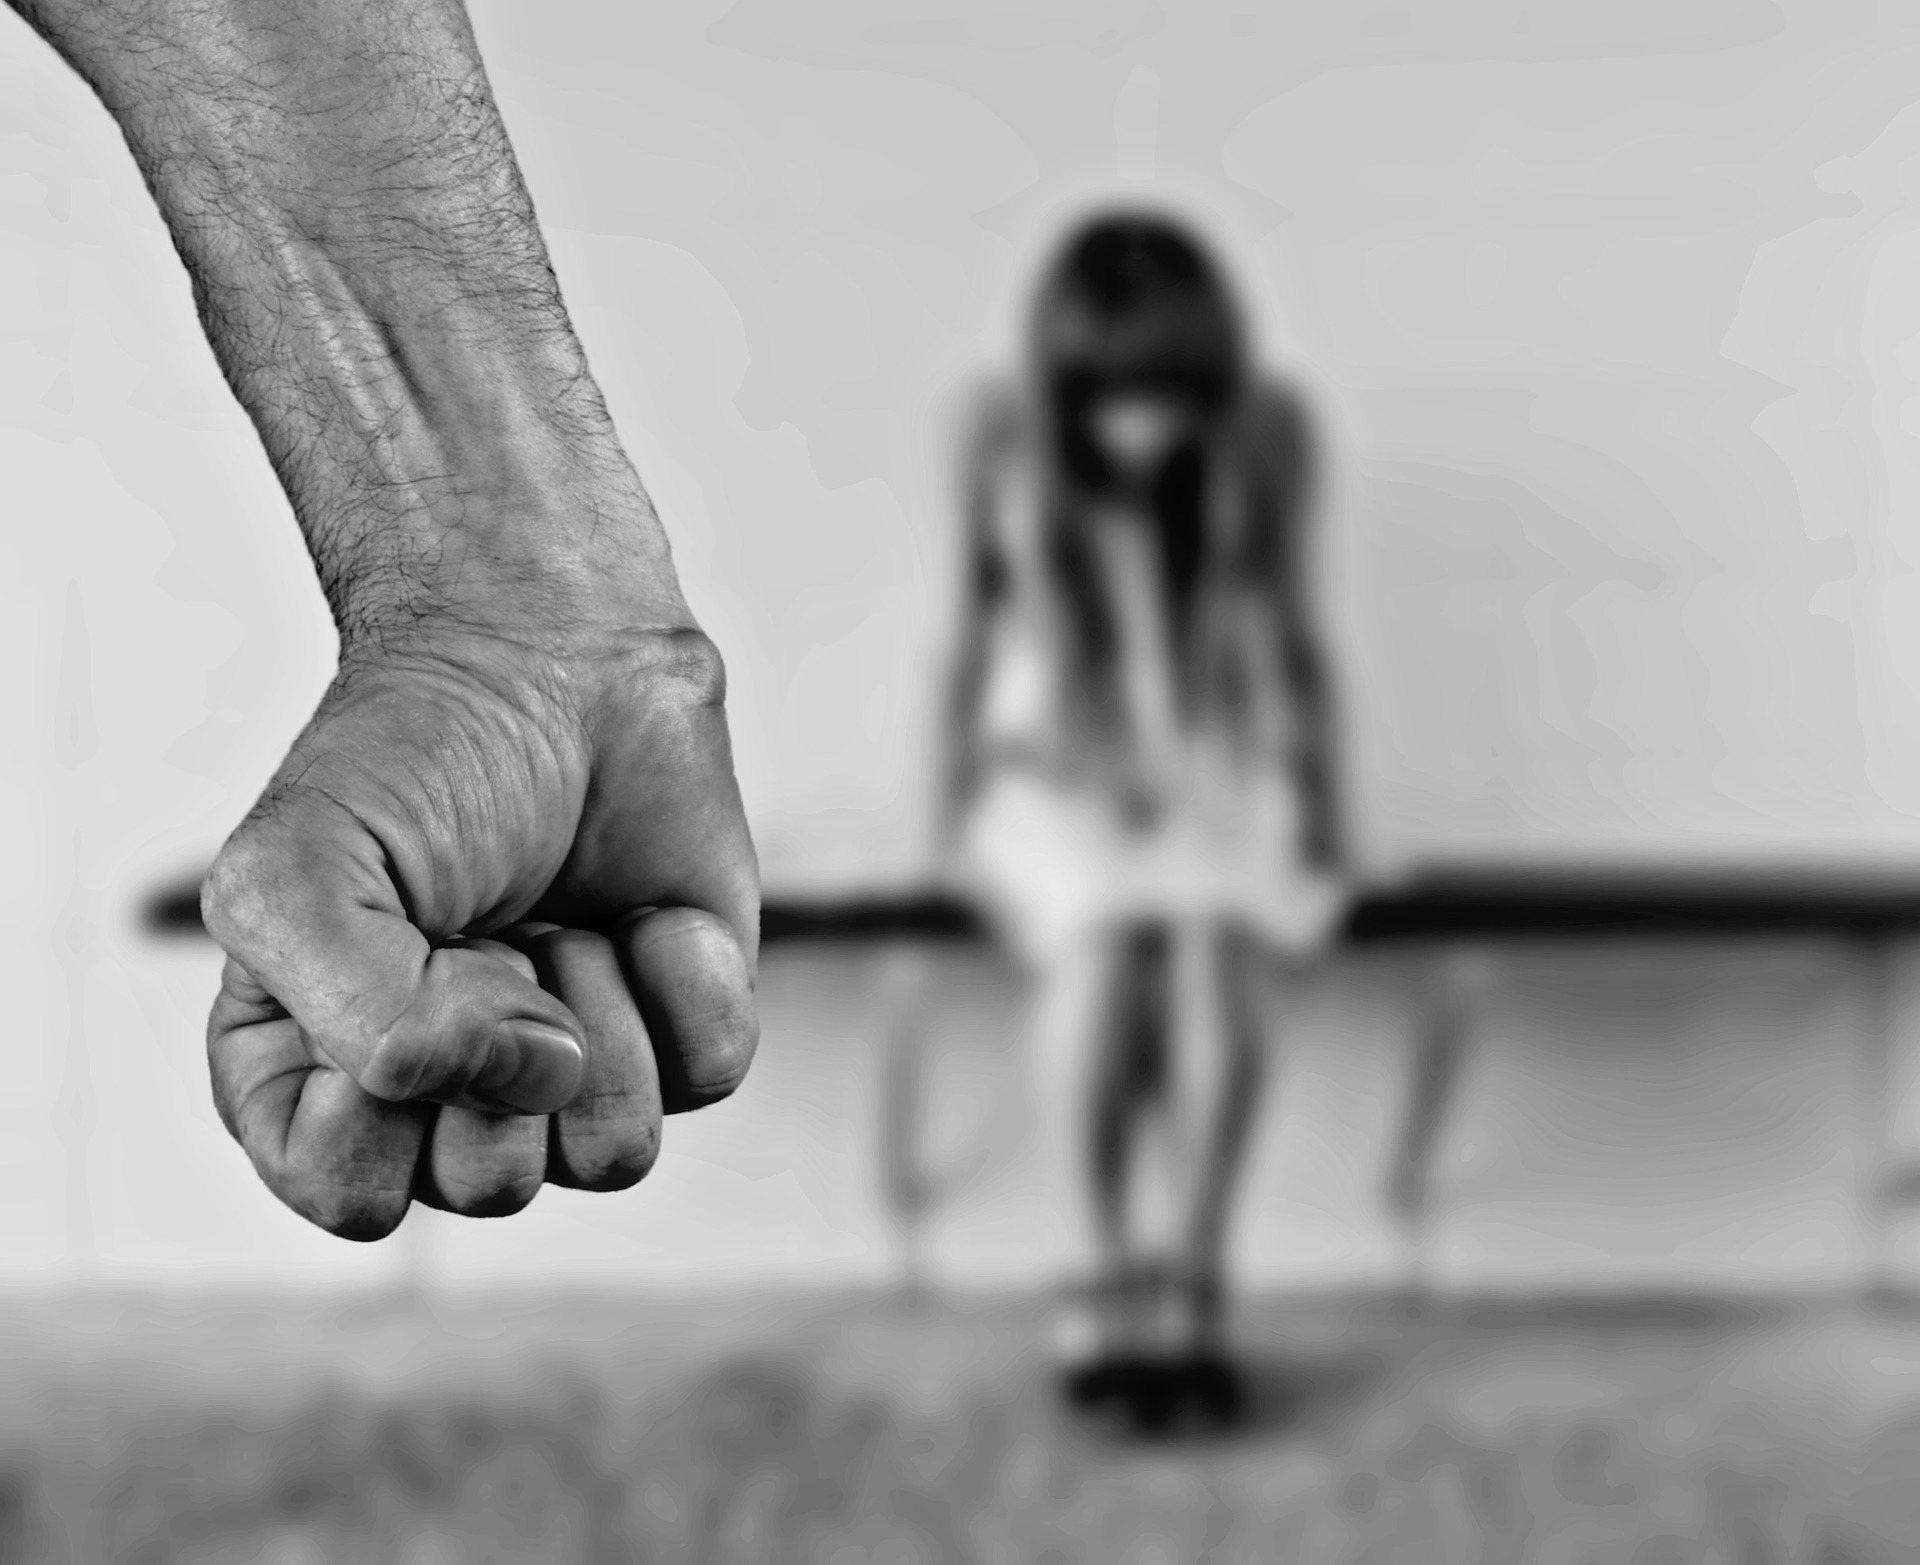 Accusato di violenze e minacce ai danni della moglie: Assoluzione per un nostro assistito